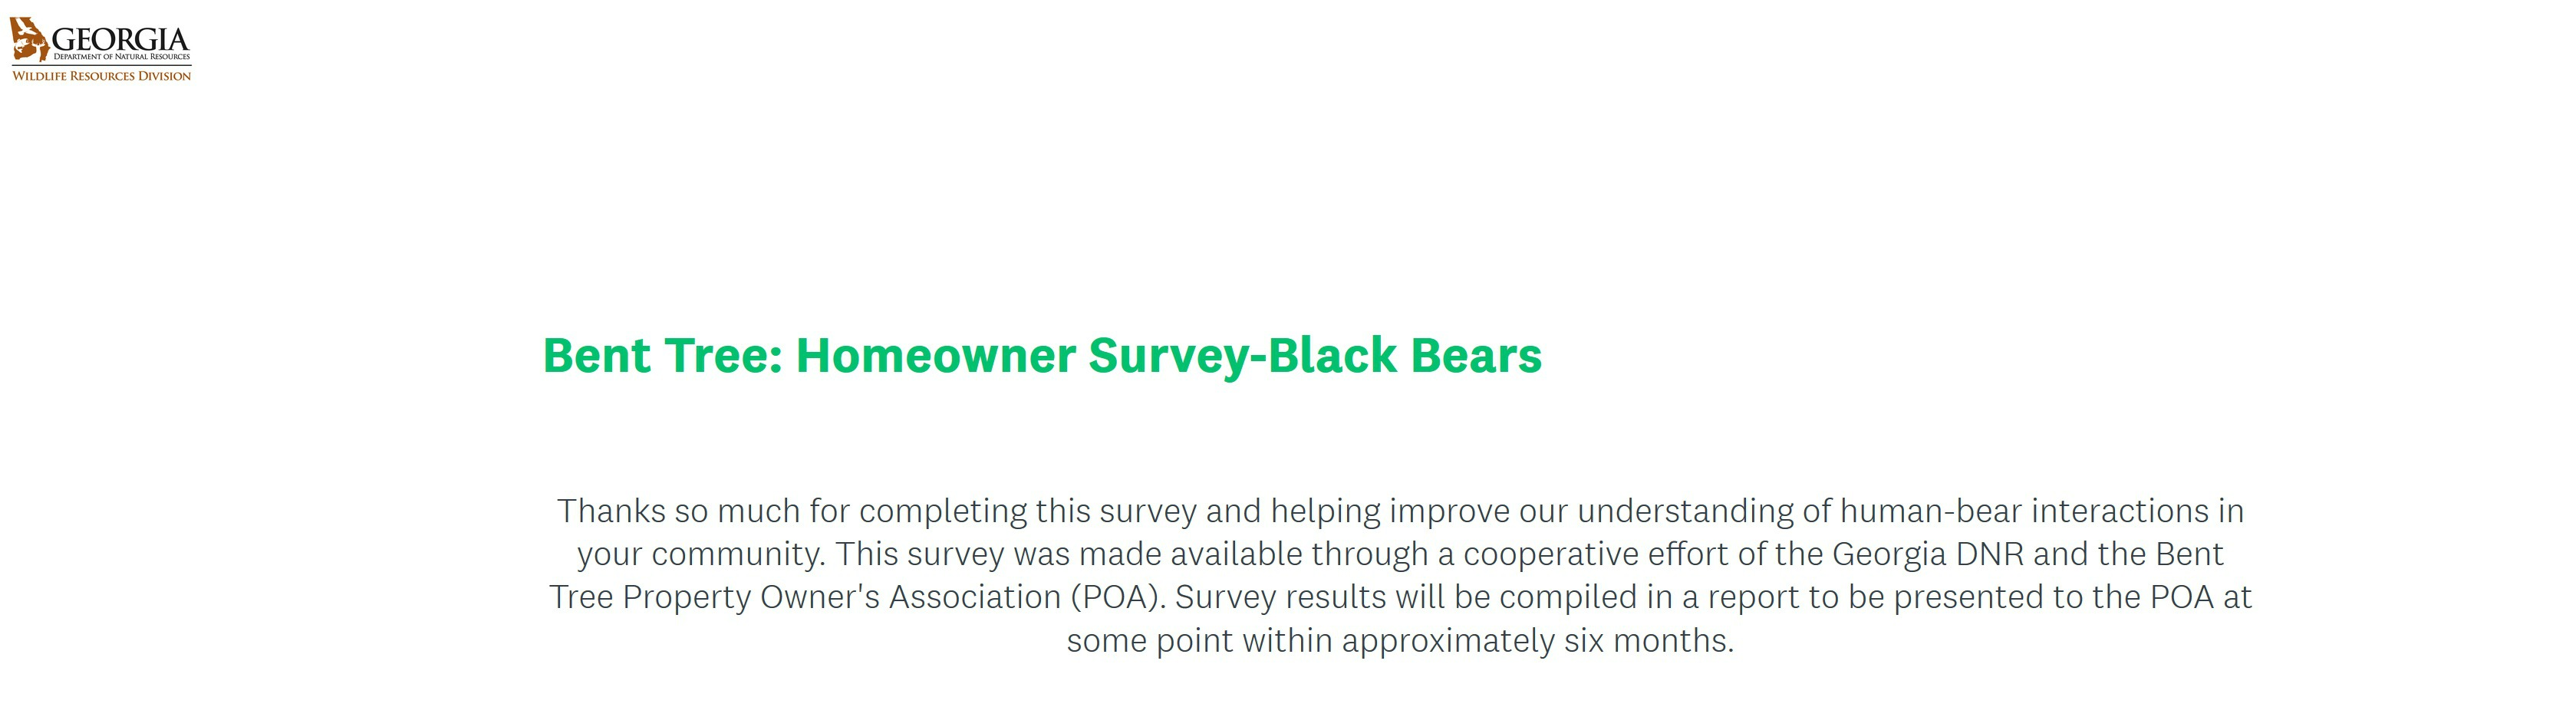 2019 0621 ga dnr bear survey thank you